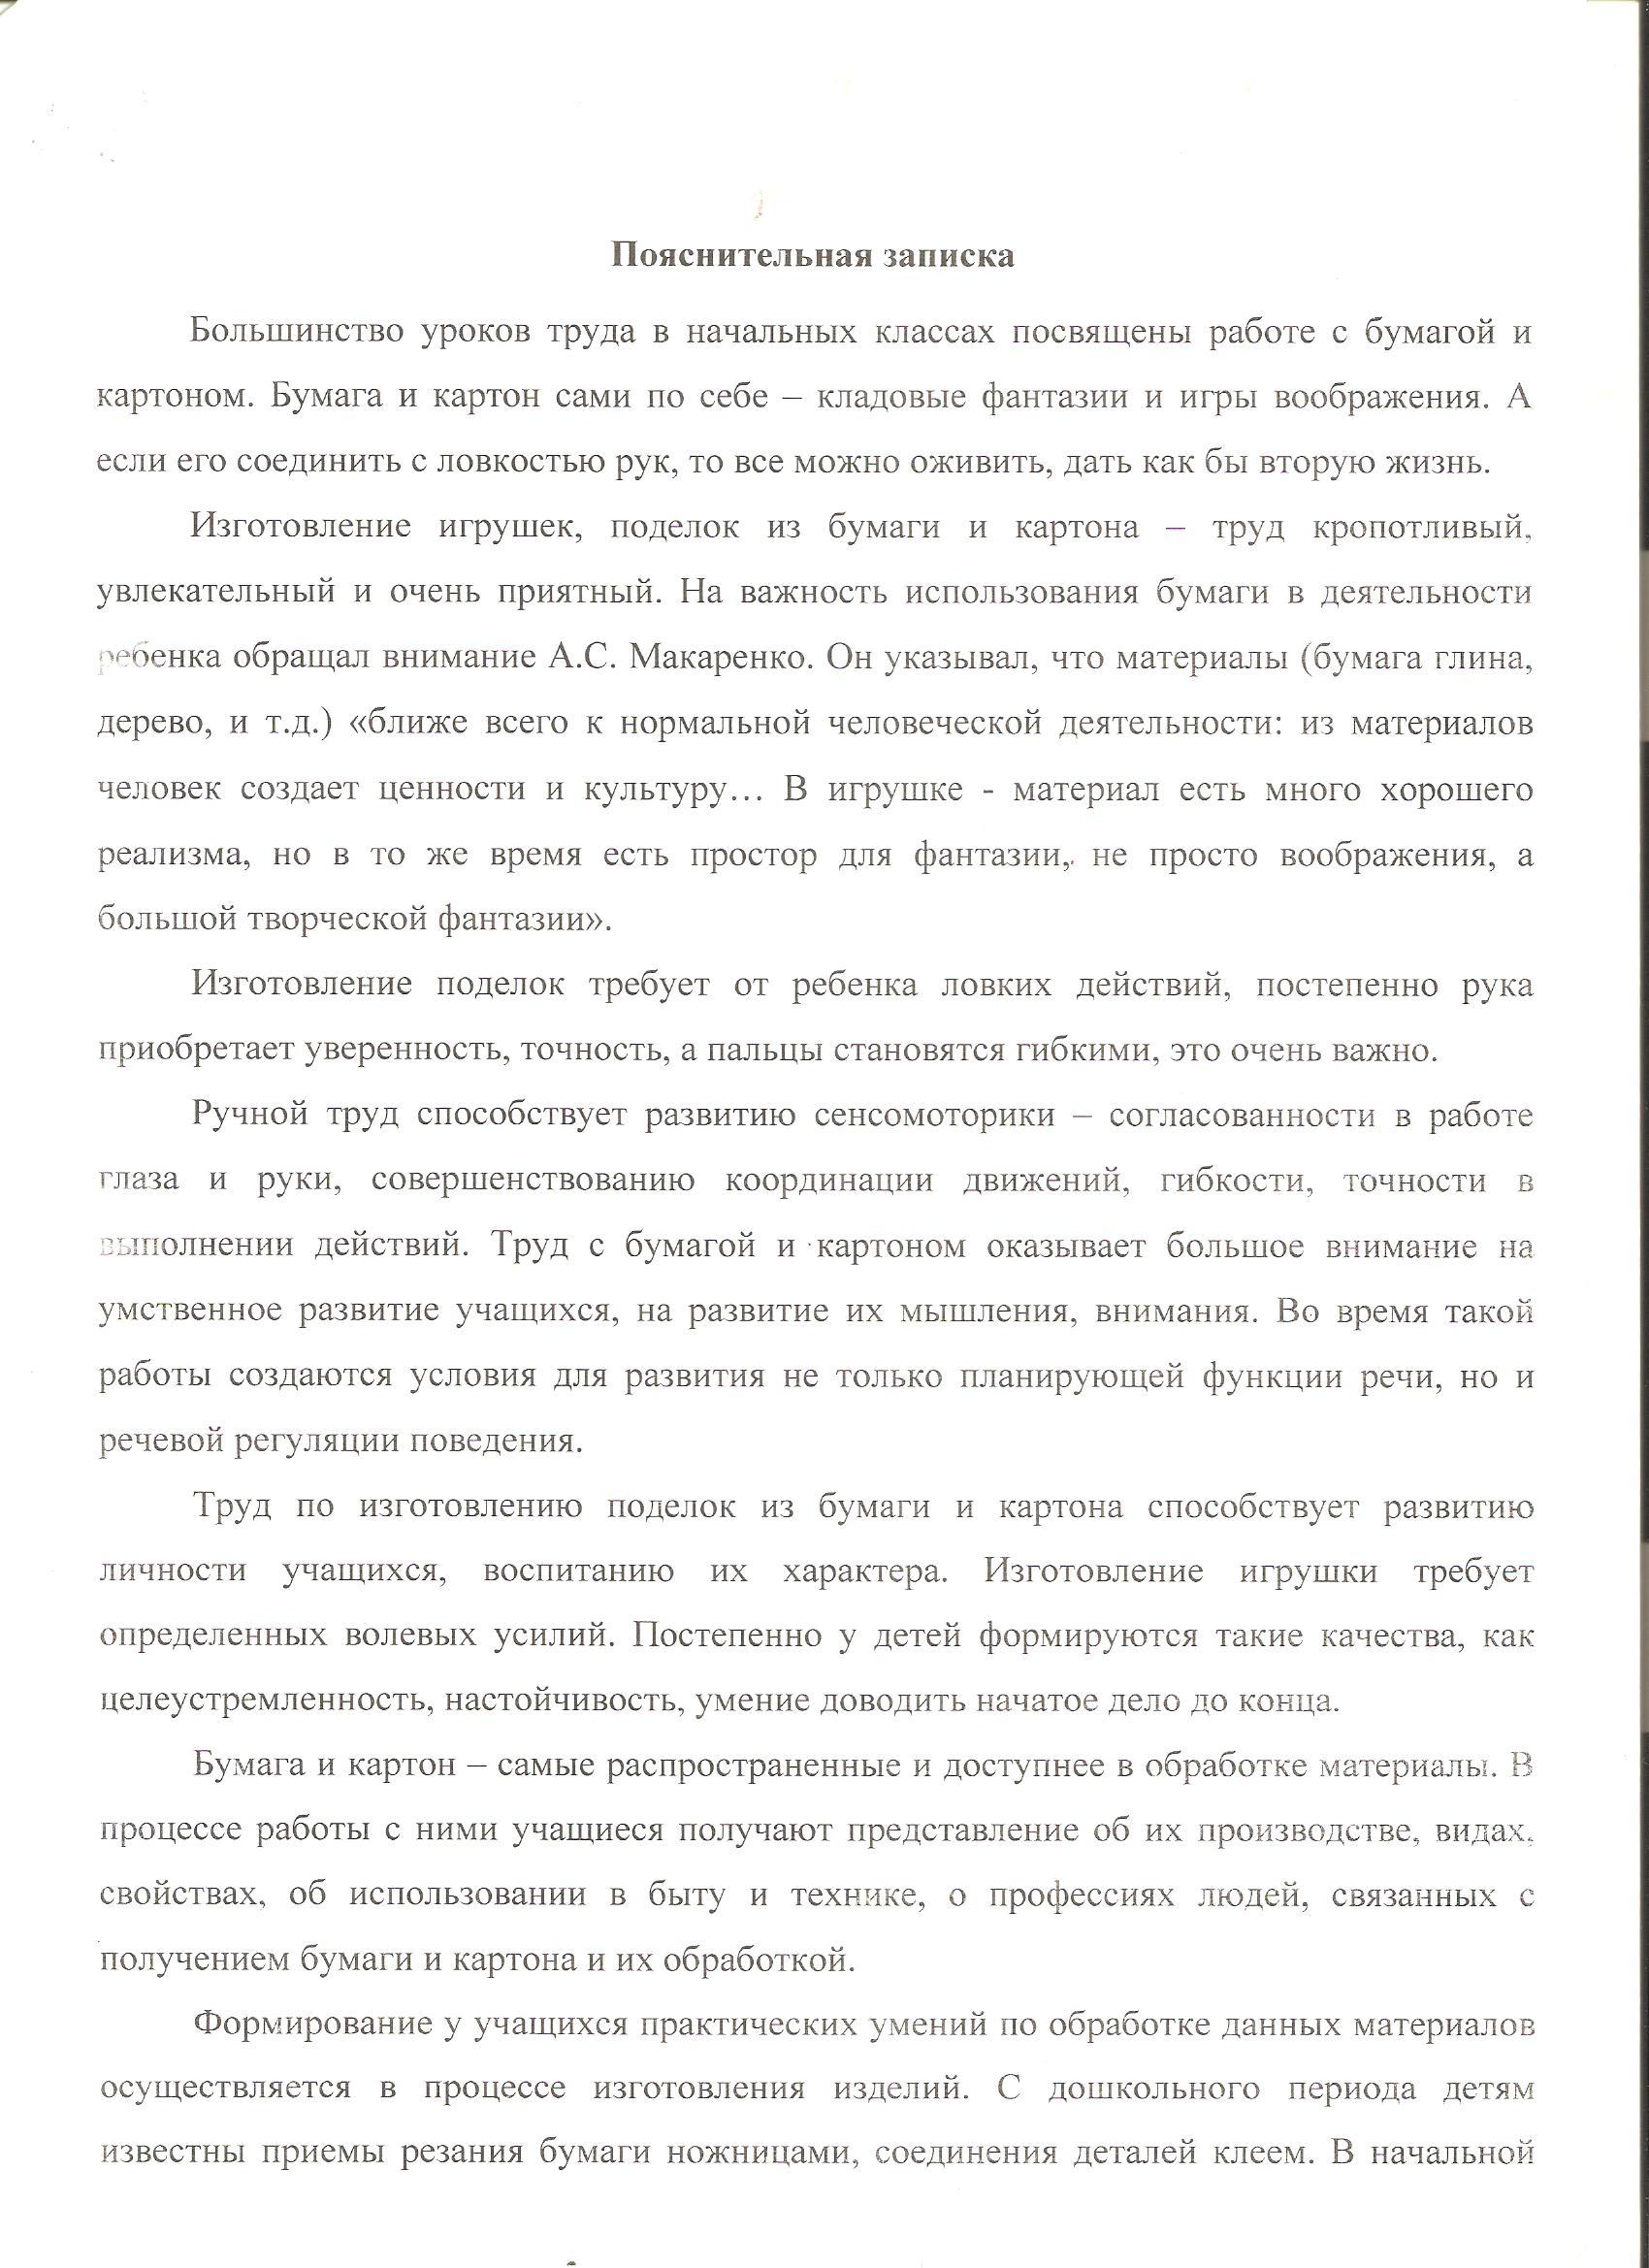 C:\Users\Люда\Pictures\2016-01-03 1\1 008.jpg